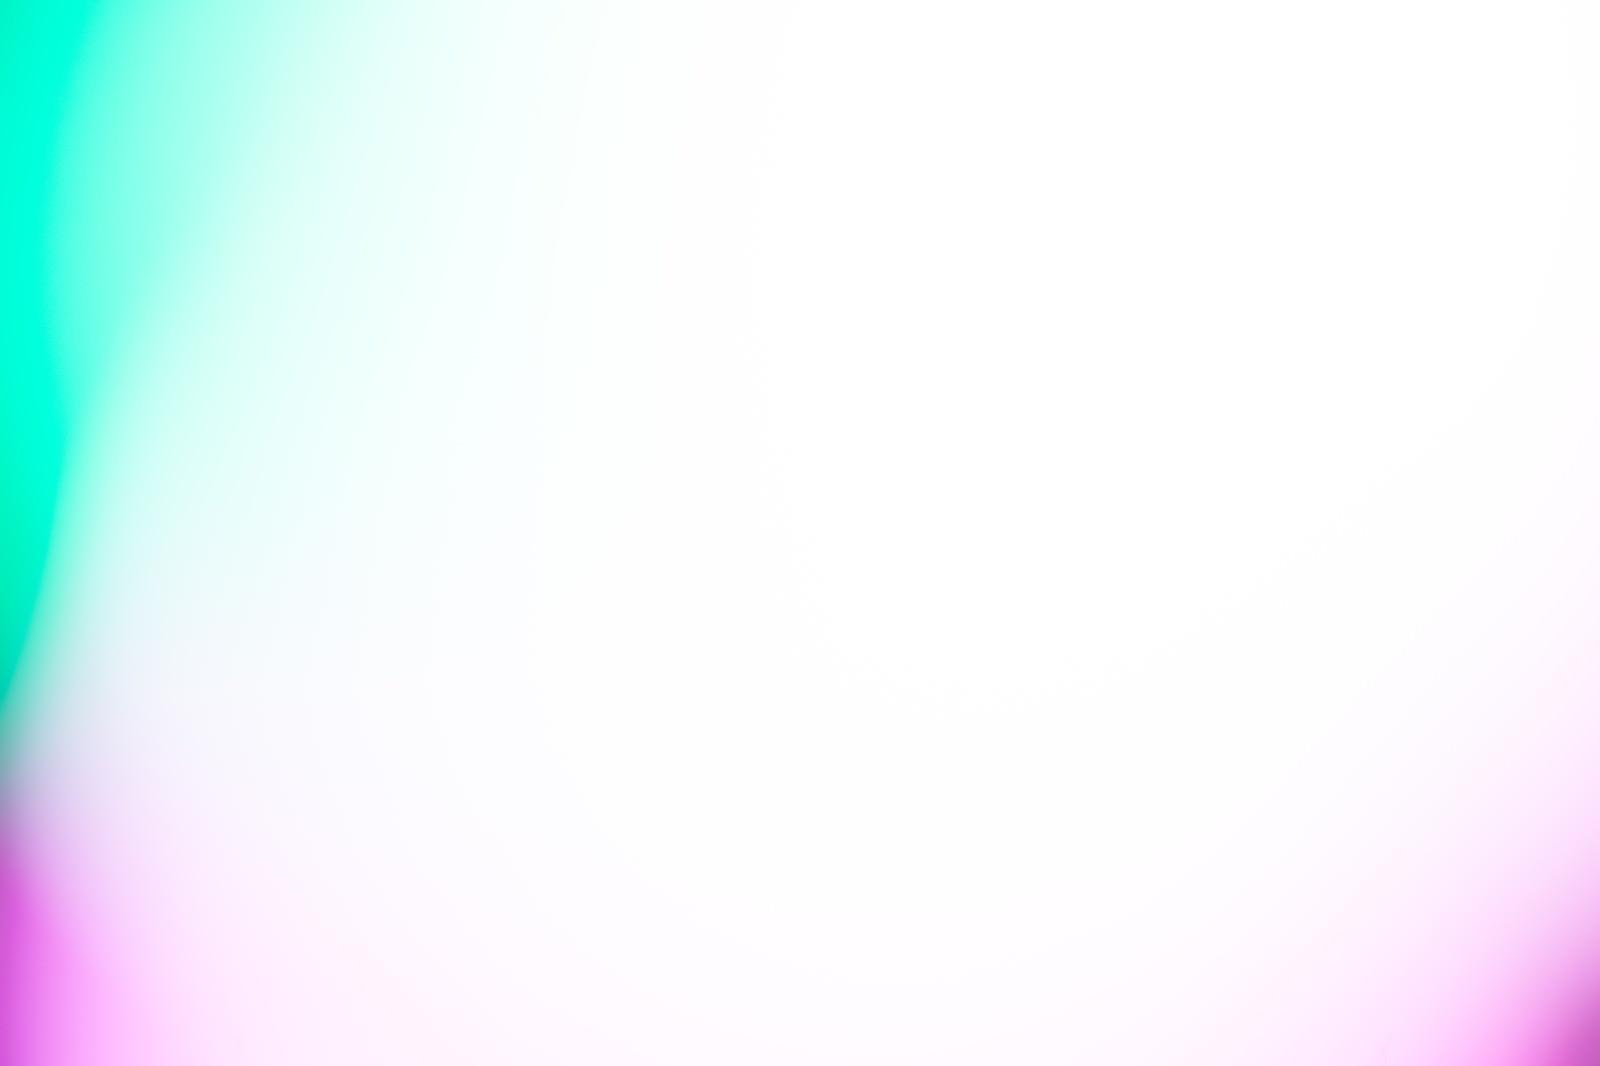 「緑と紫の明るい光源(ボケ)」の写真